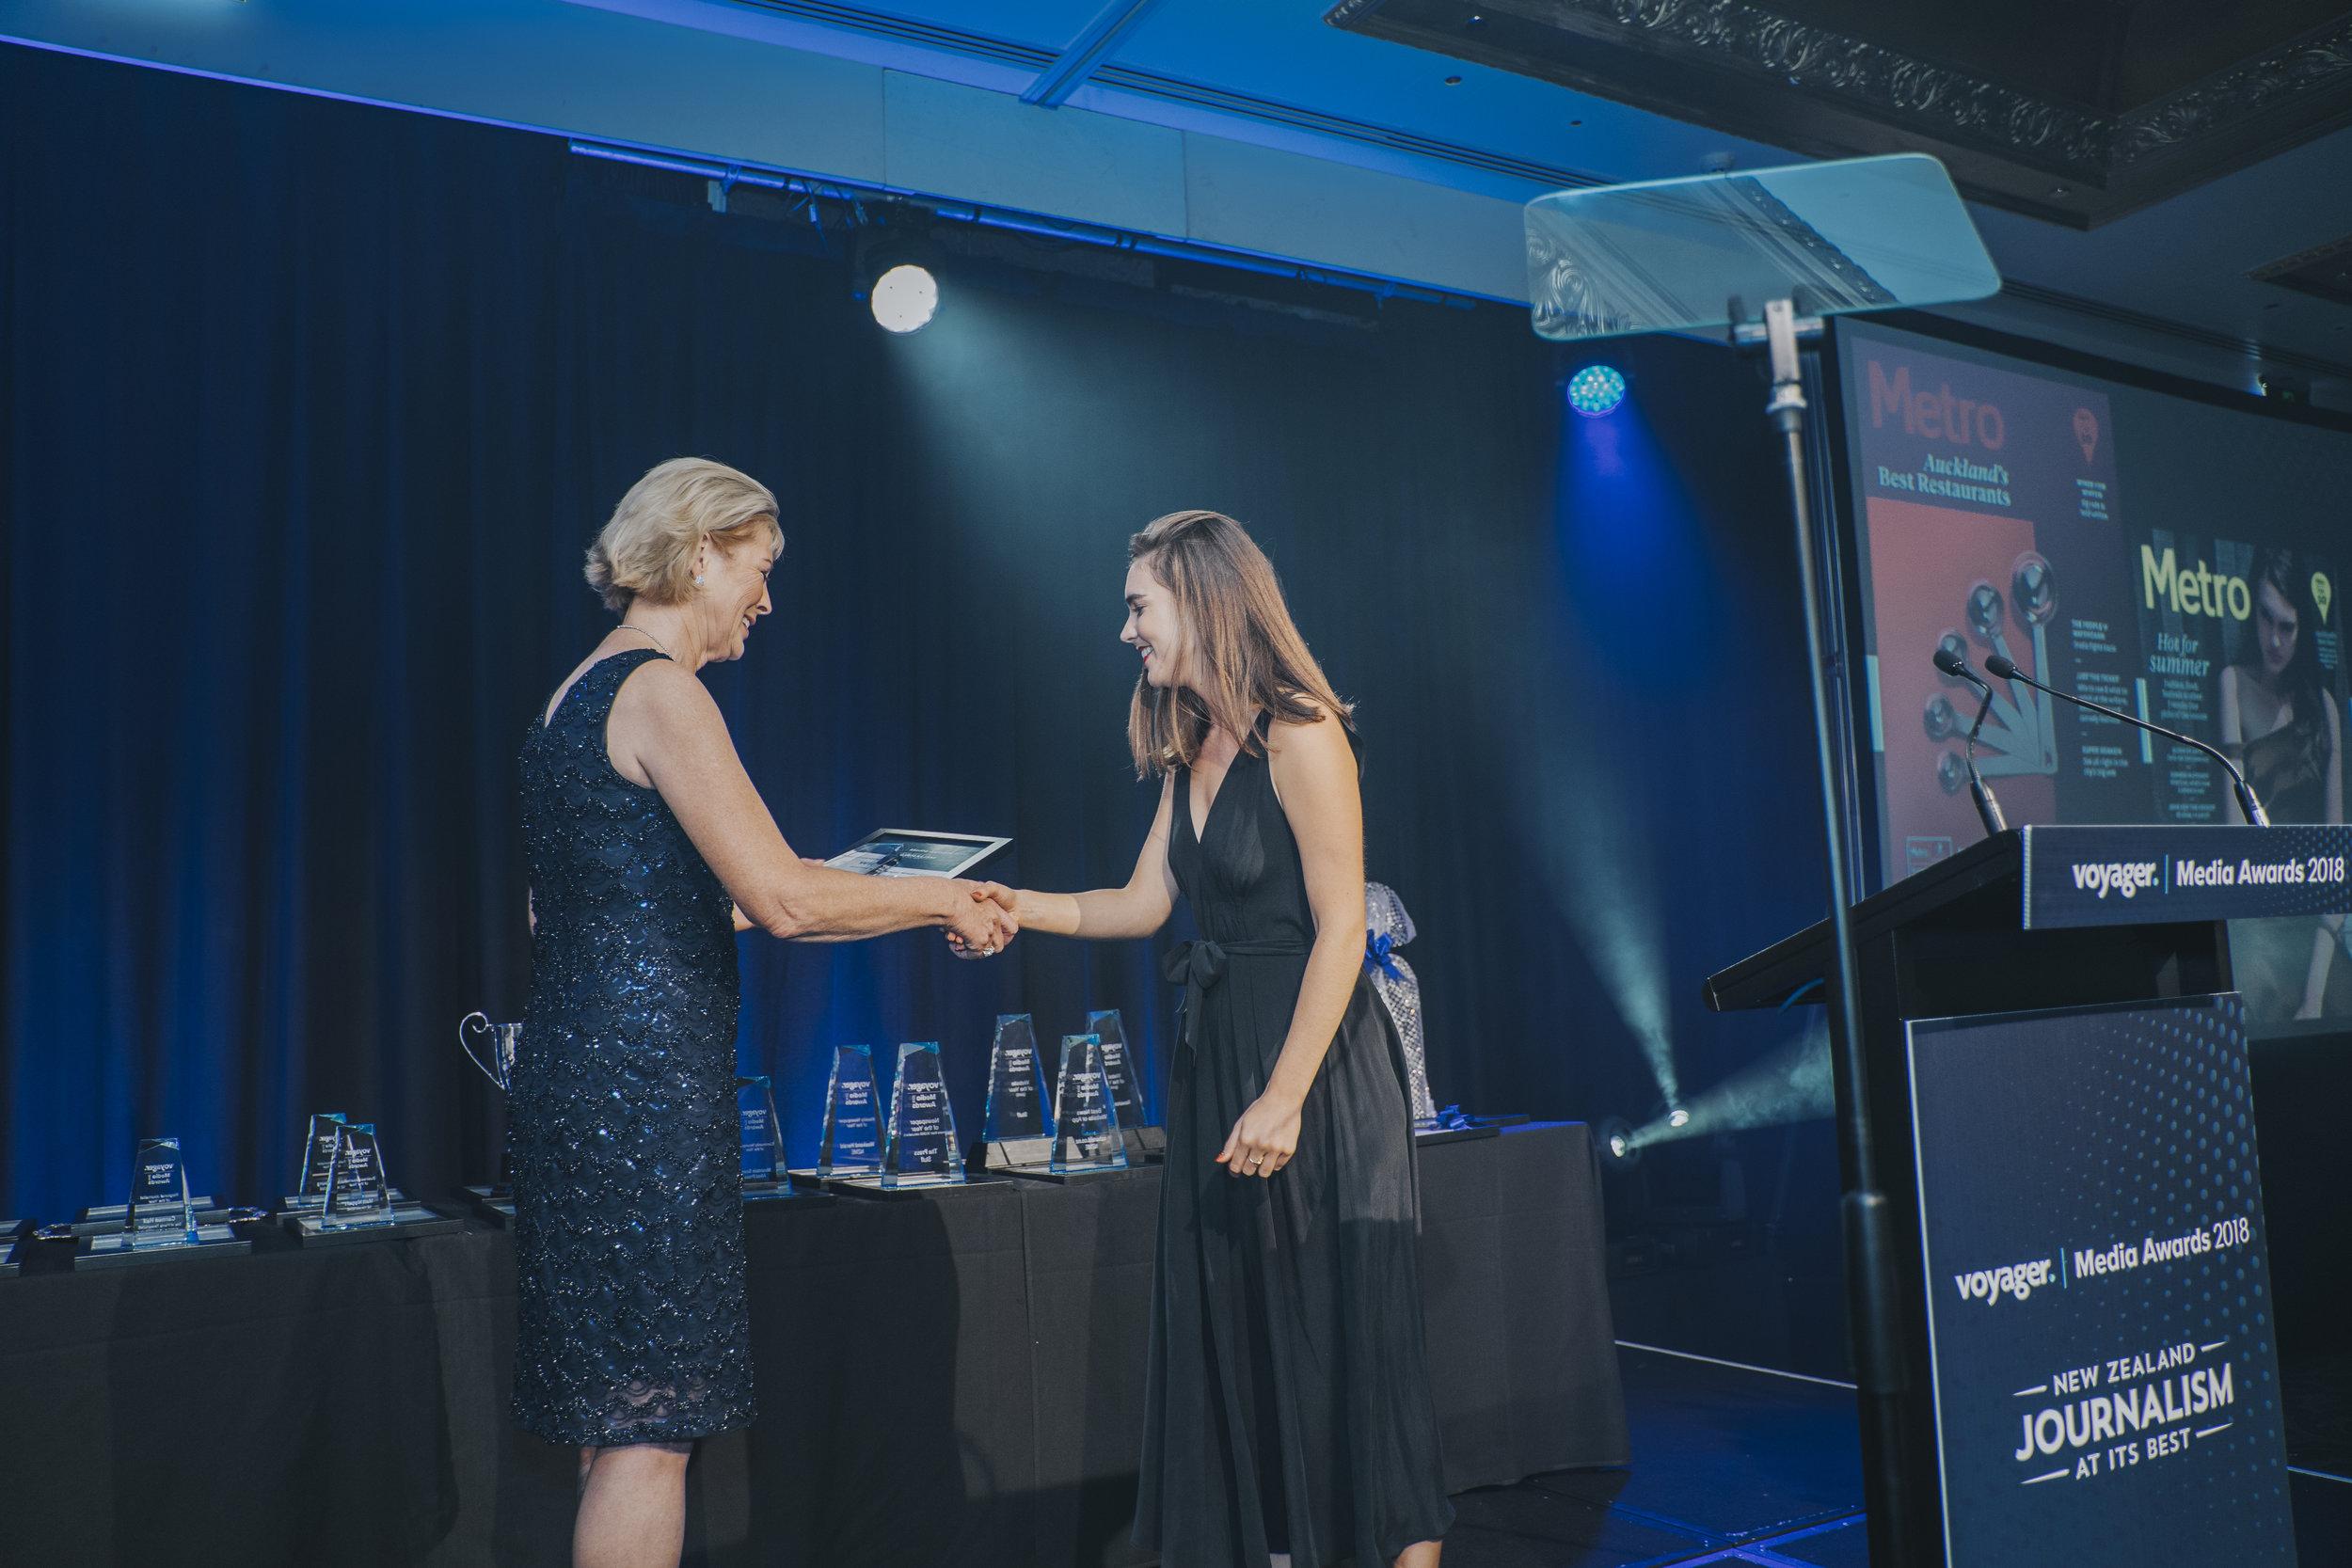 Voyager Media Awards 2018-161.JPG